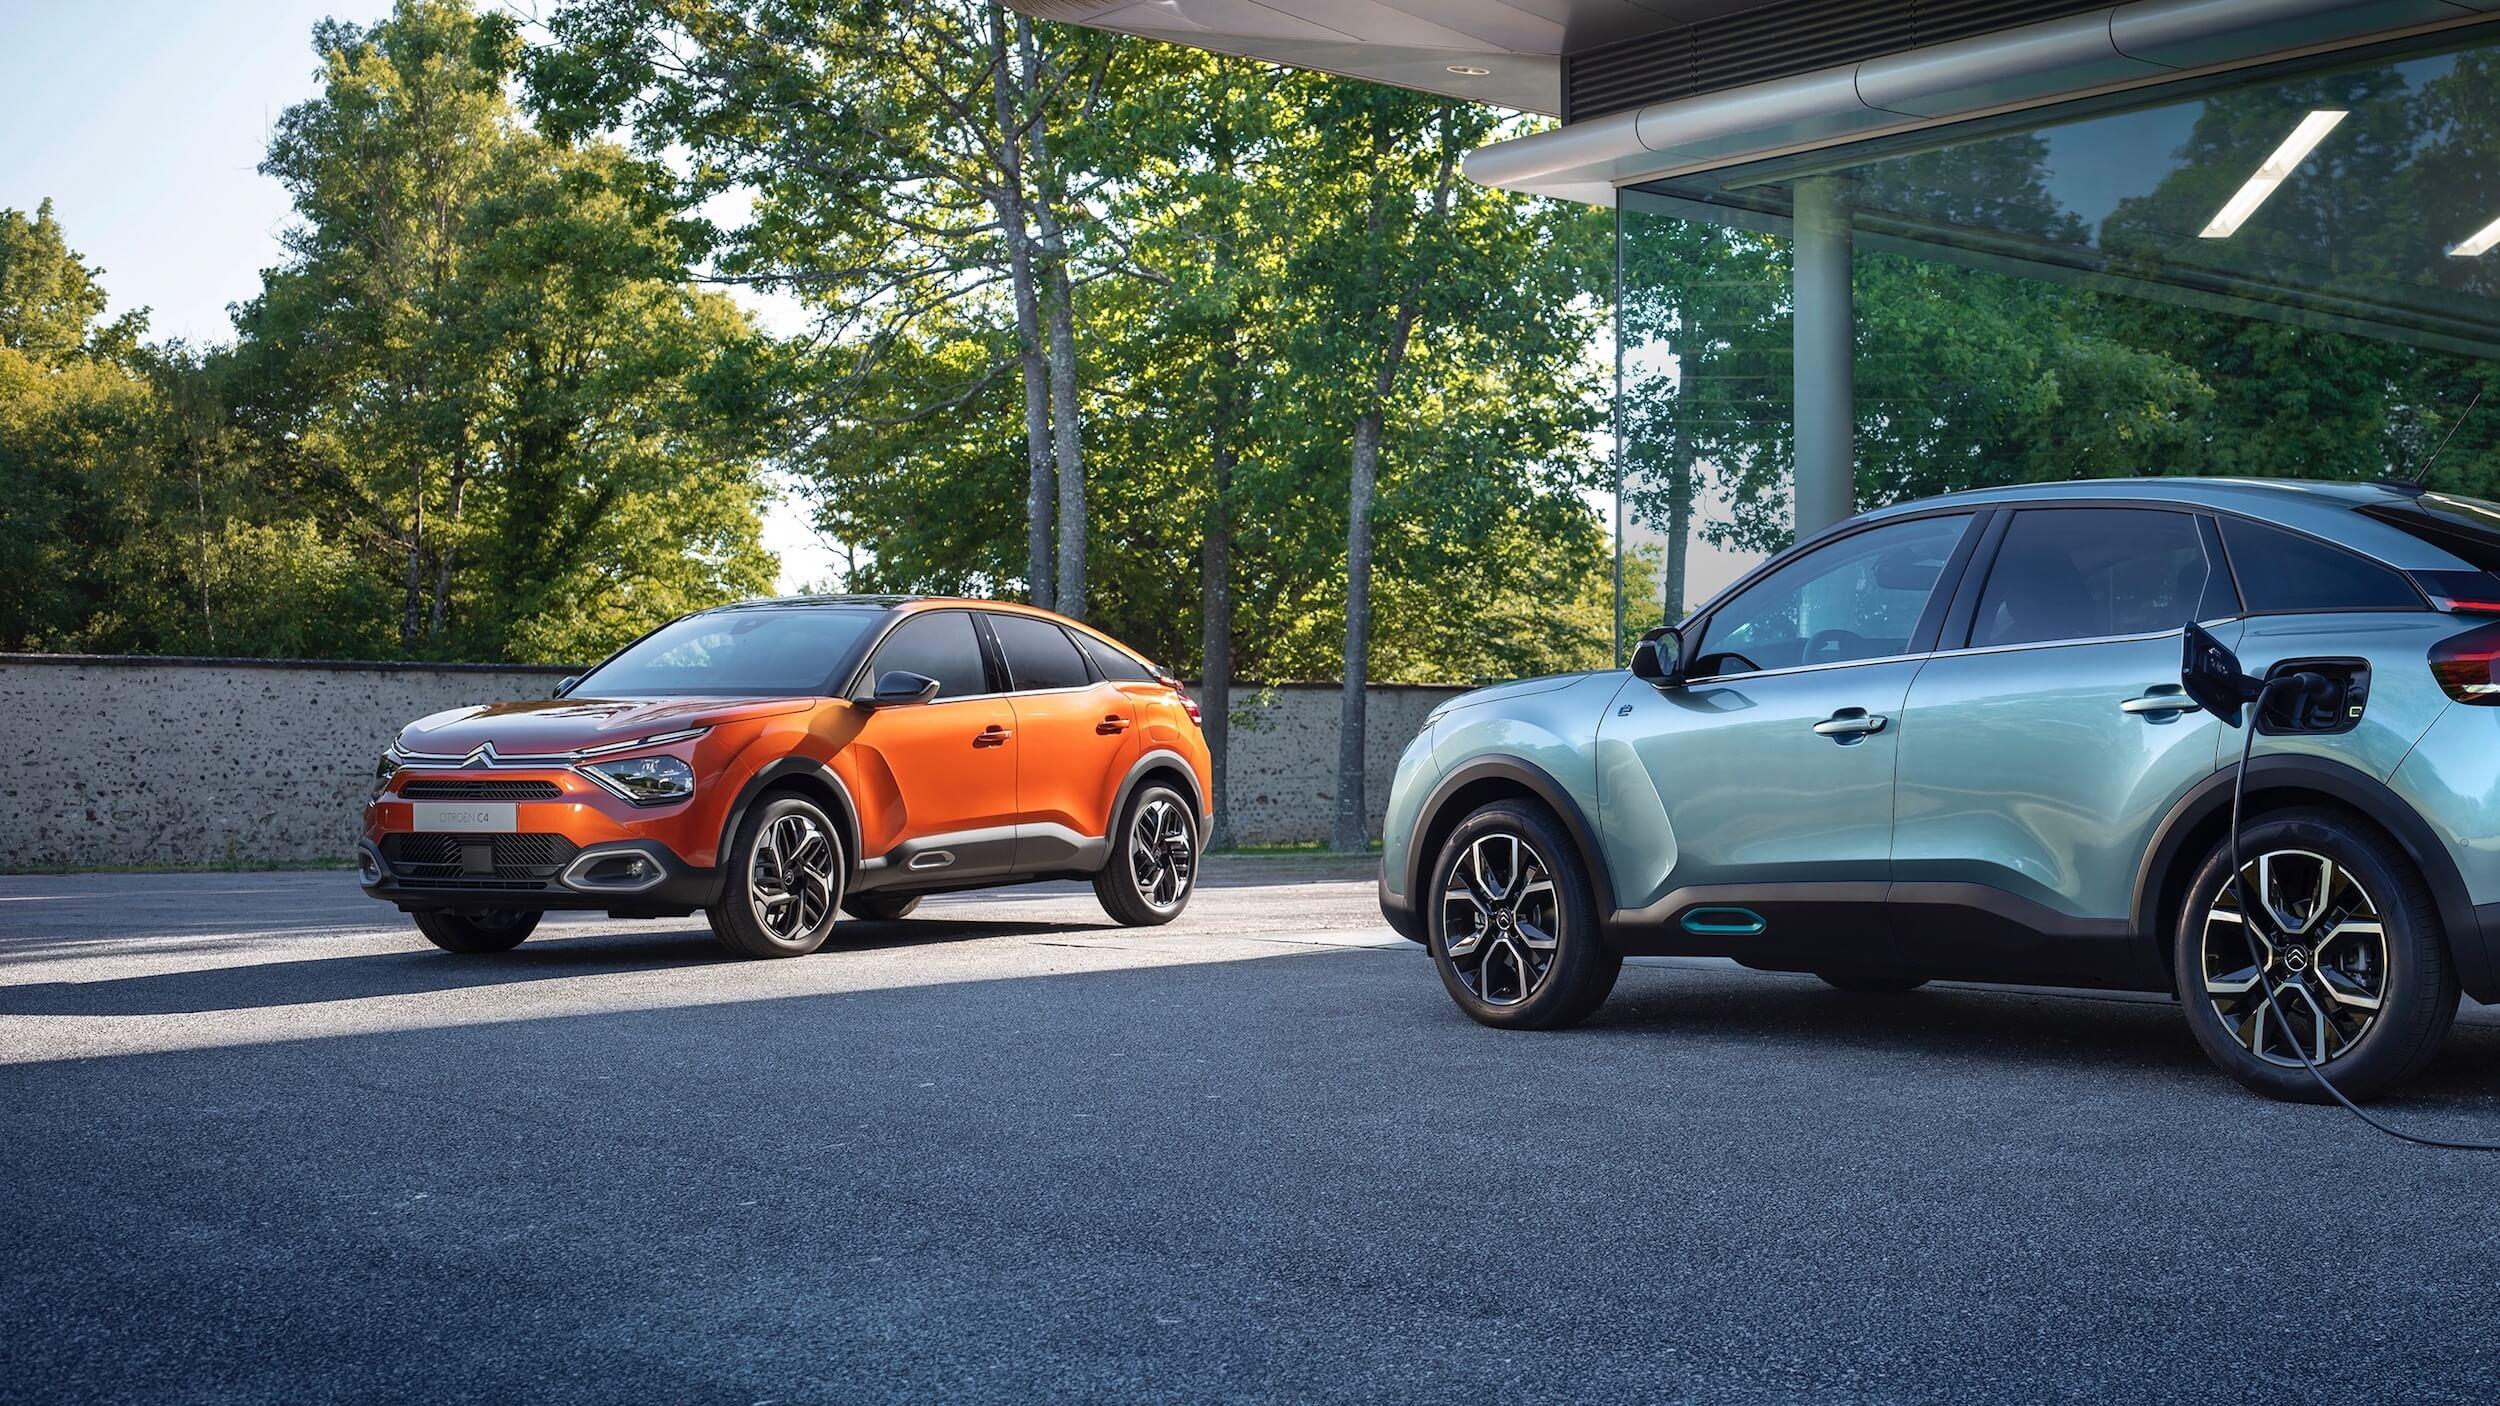 Twee Citroën ë C4 s naast elkaar